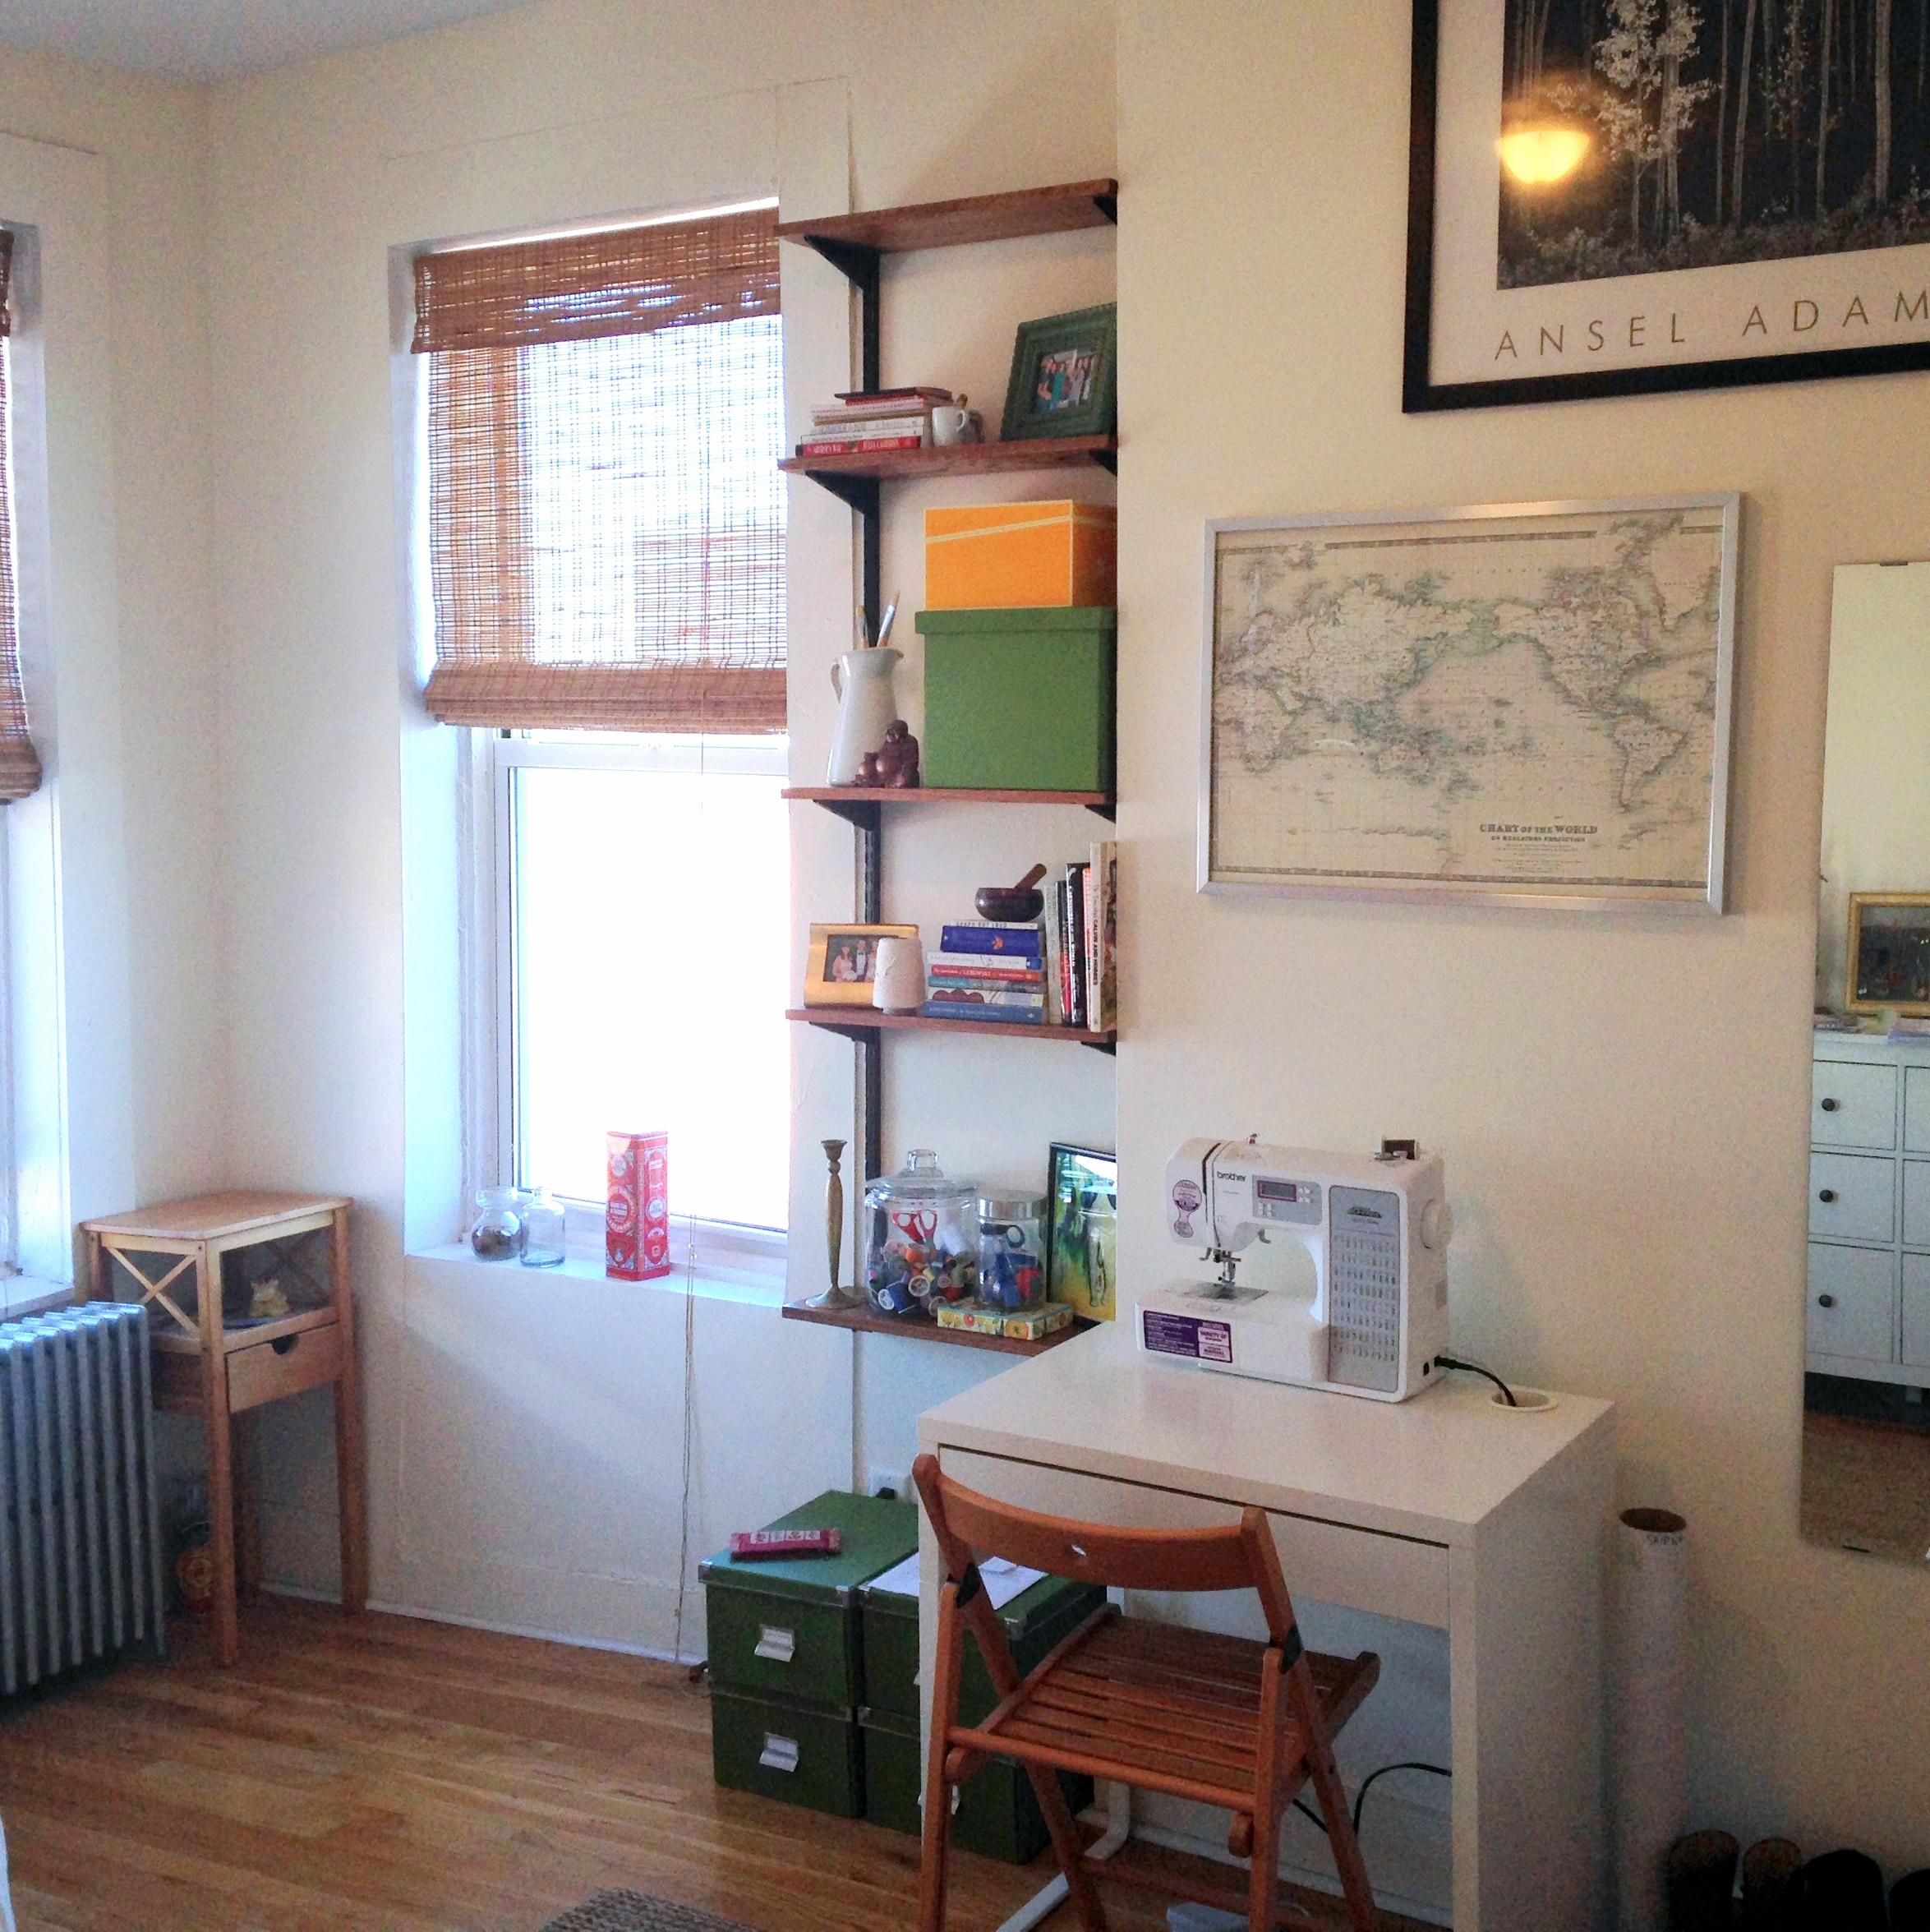 Bedroom Shelving - After_Square.jpg